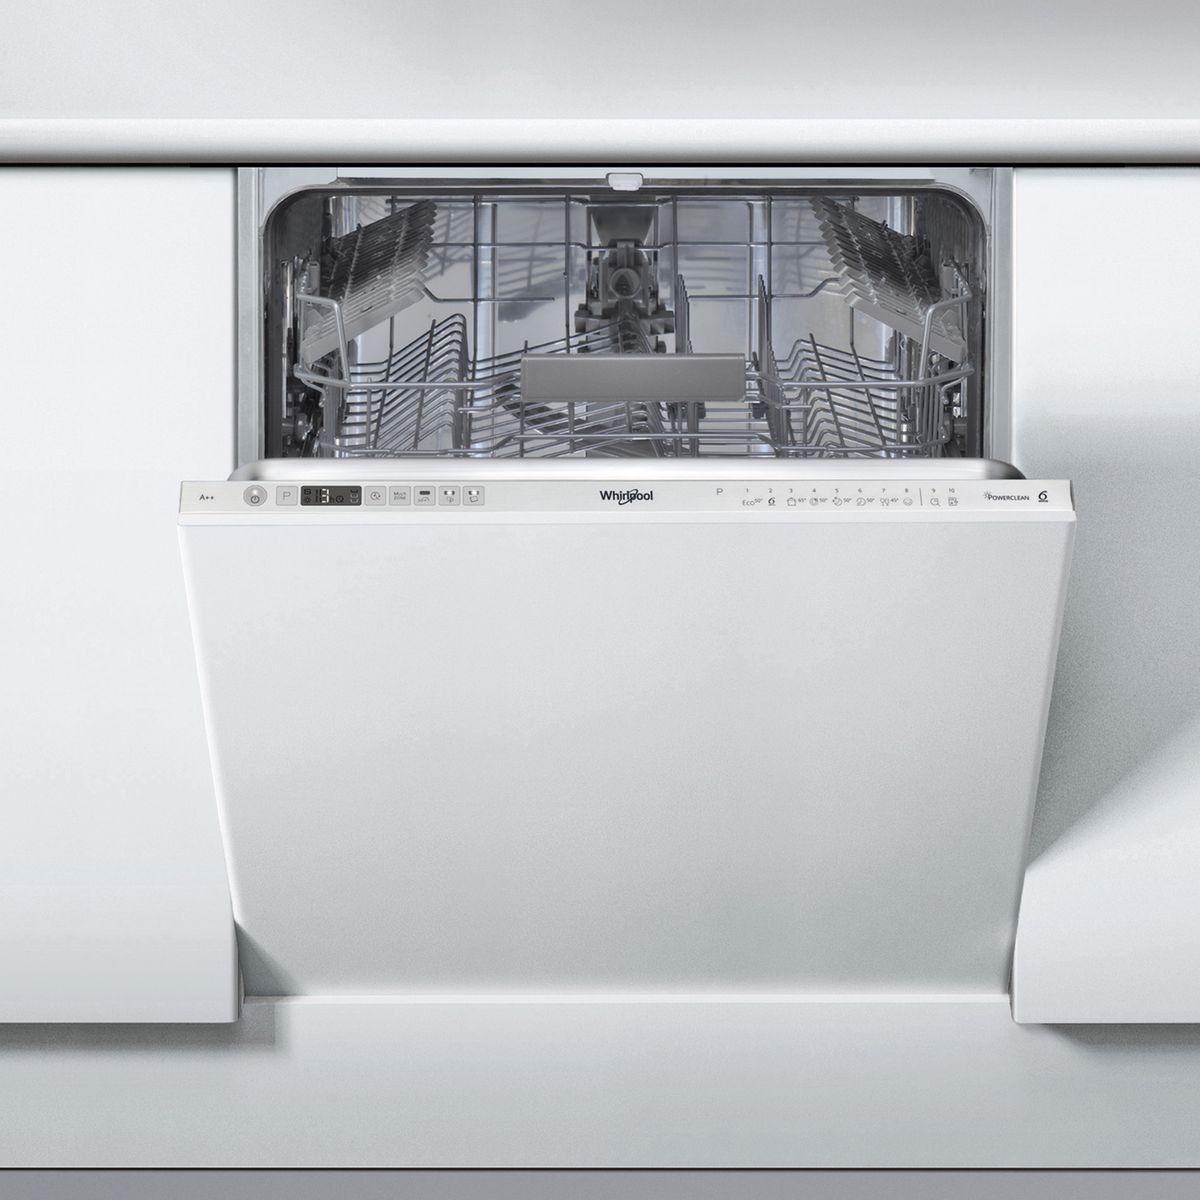 Lave Vaisselle Tout Integrable Wric3c24pe Lave Vaisselle Encastrable Lave Vaisselle Et Vaisselle